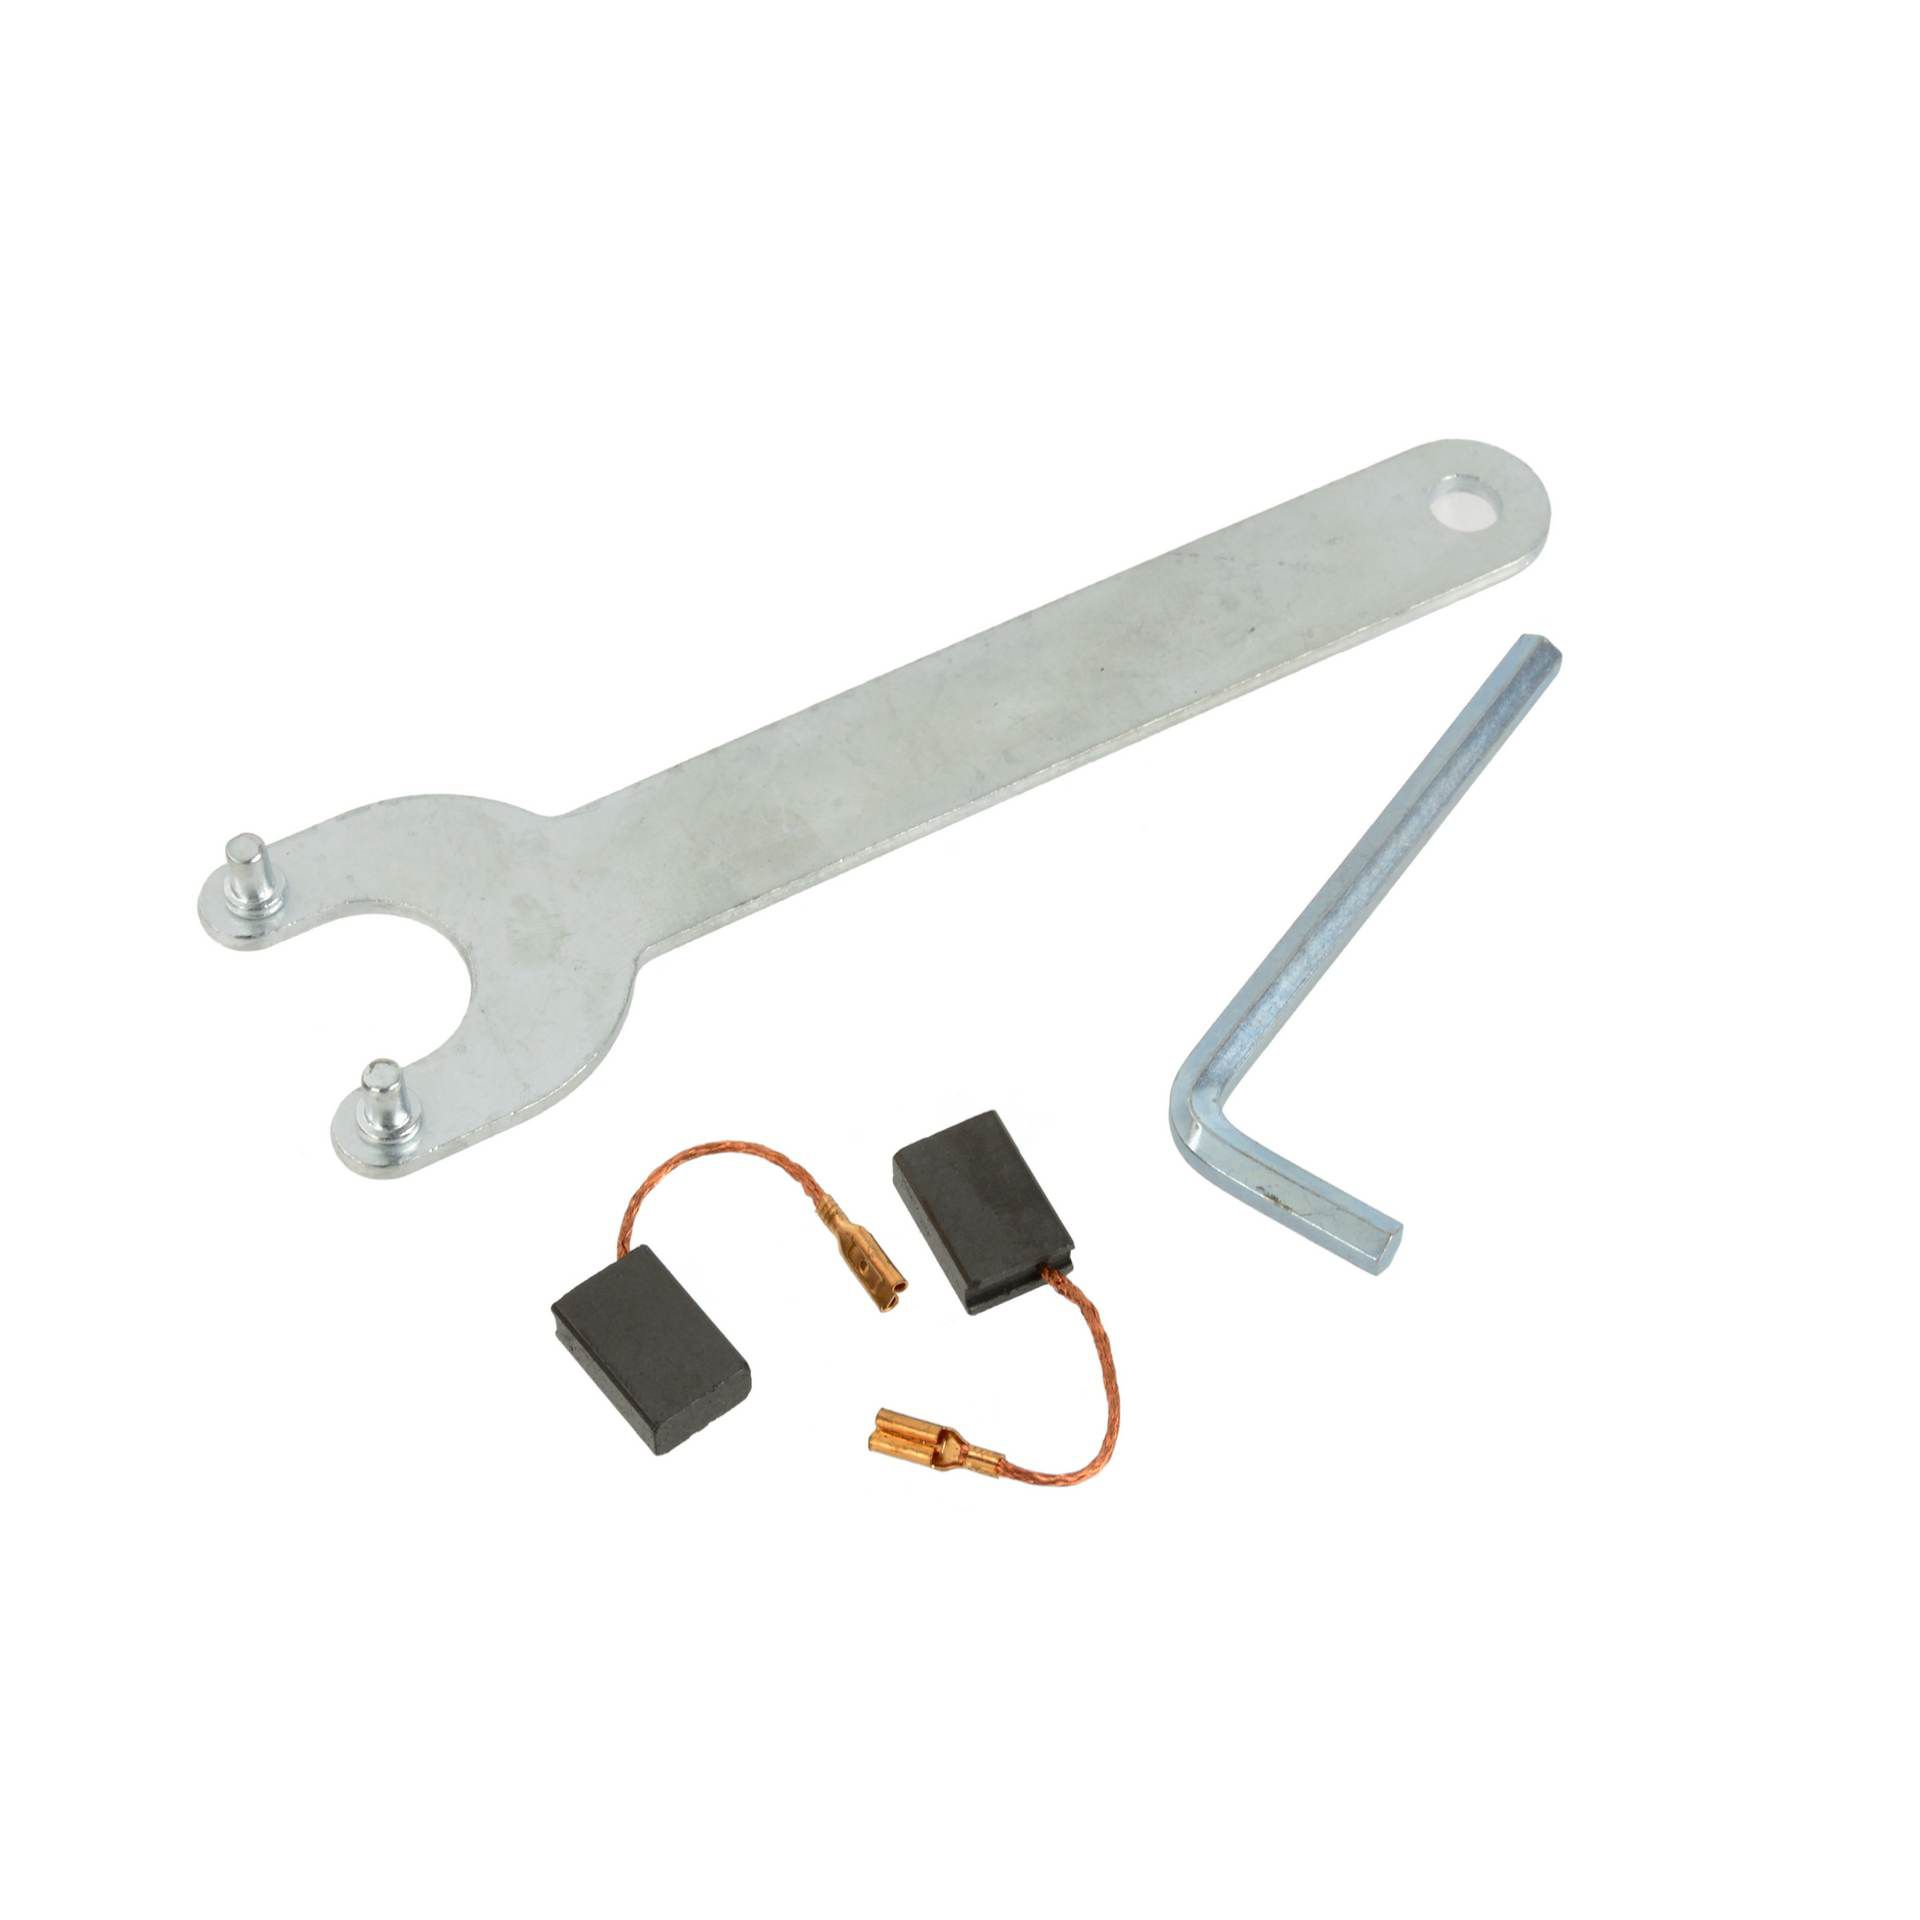 Szlifierka kątowa 125 mm z regulacją obrotów, długa rączka GEKO 6